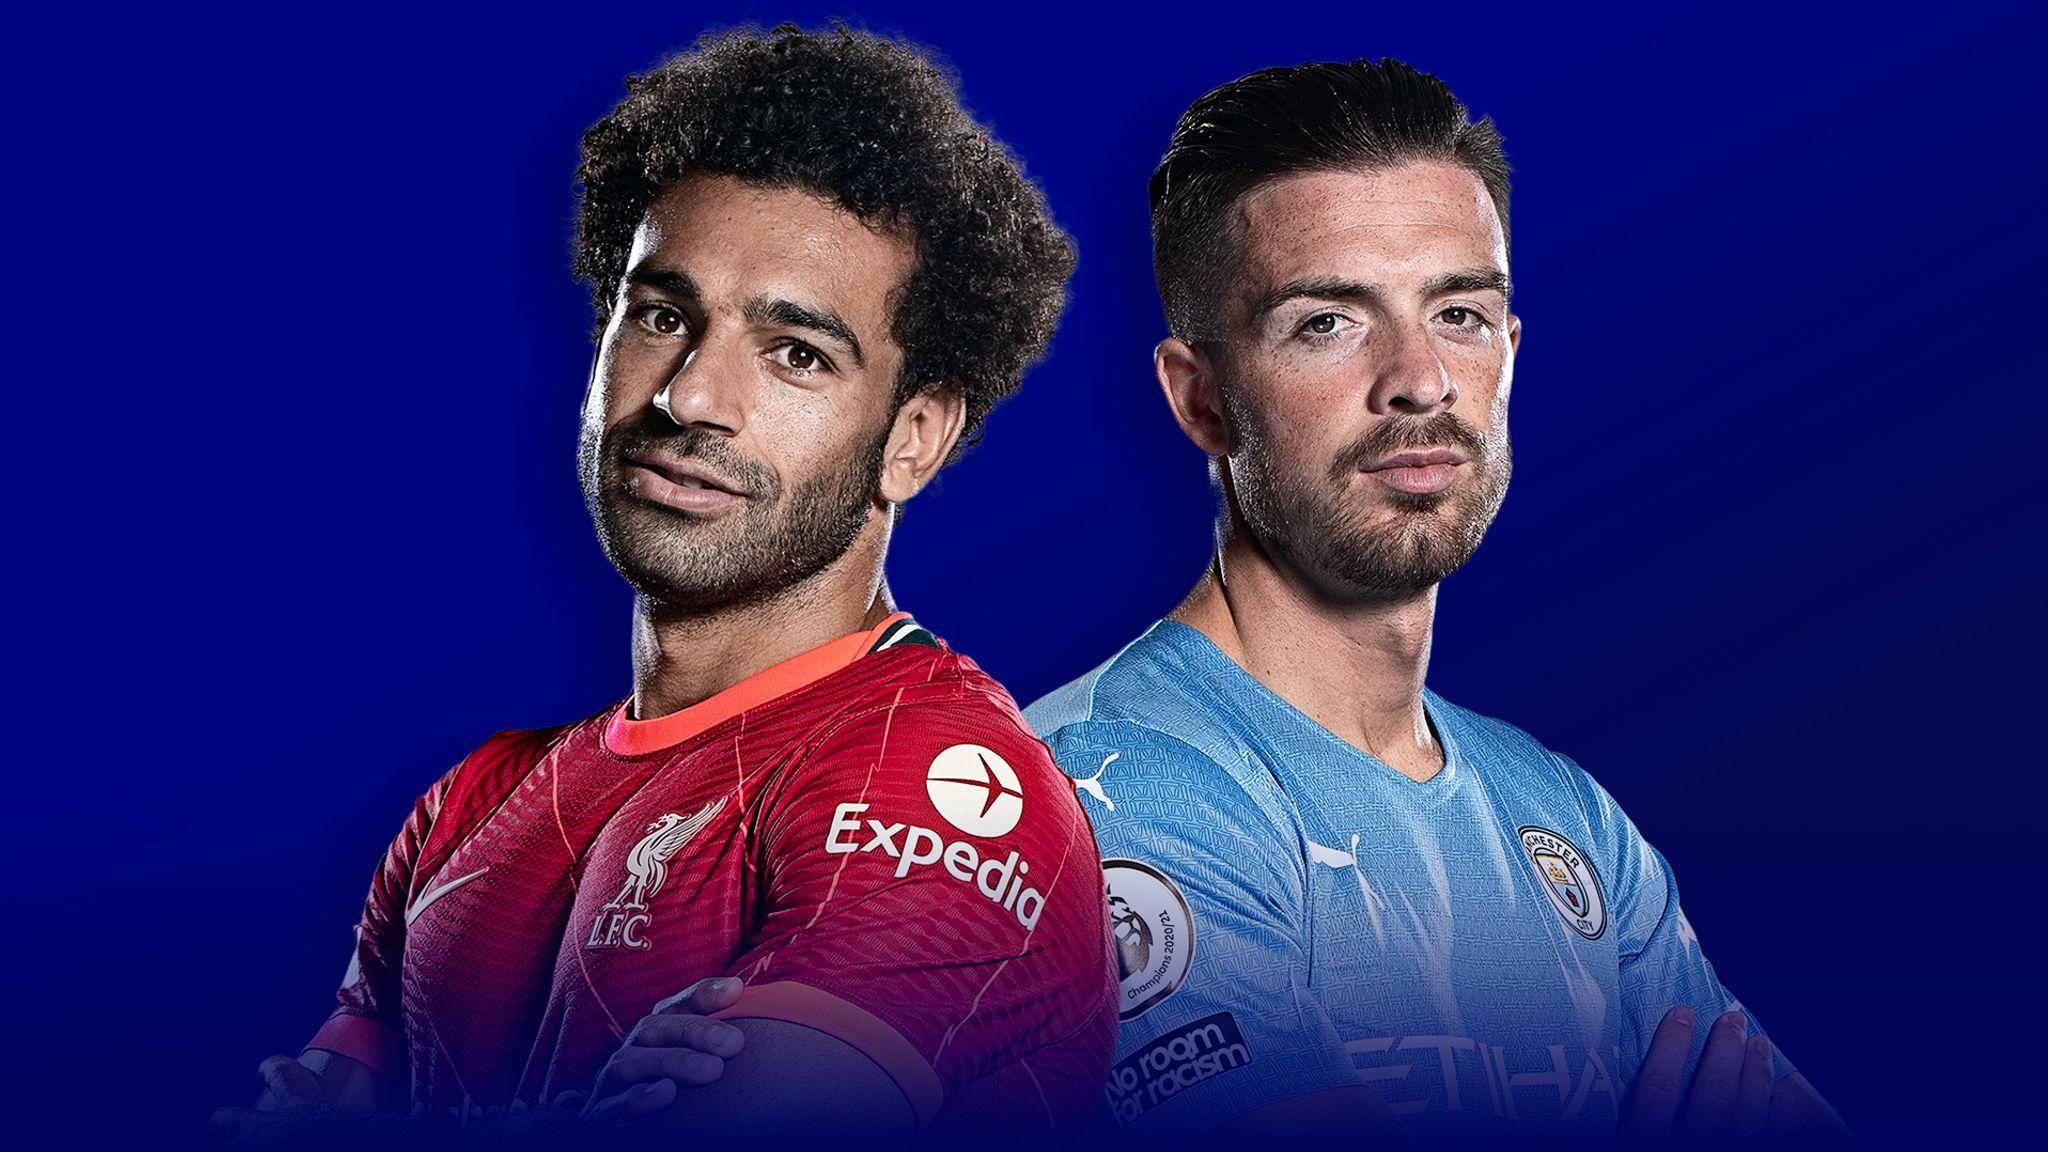 Liverpool vs Manchester City LANGSUNG di Liga Premier: Bentrokan terbesar pekan ini saat Jurgen Klopp menjamu Pep Guardiola, streaming langsung LIV vs MCI, ikuti untuk pembaruan langsung